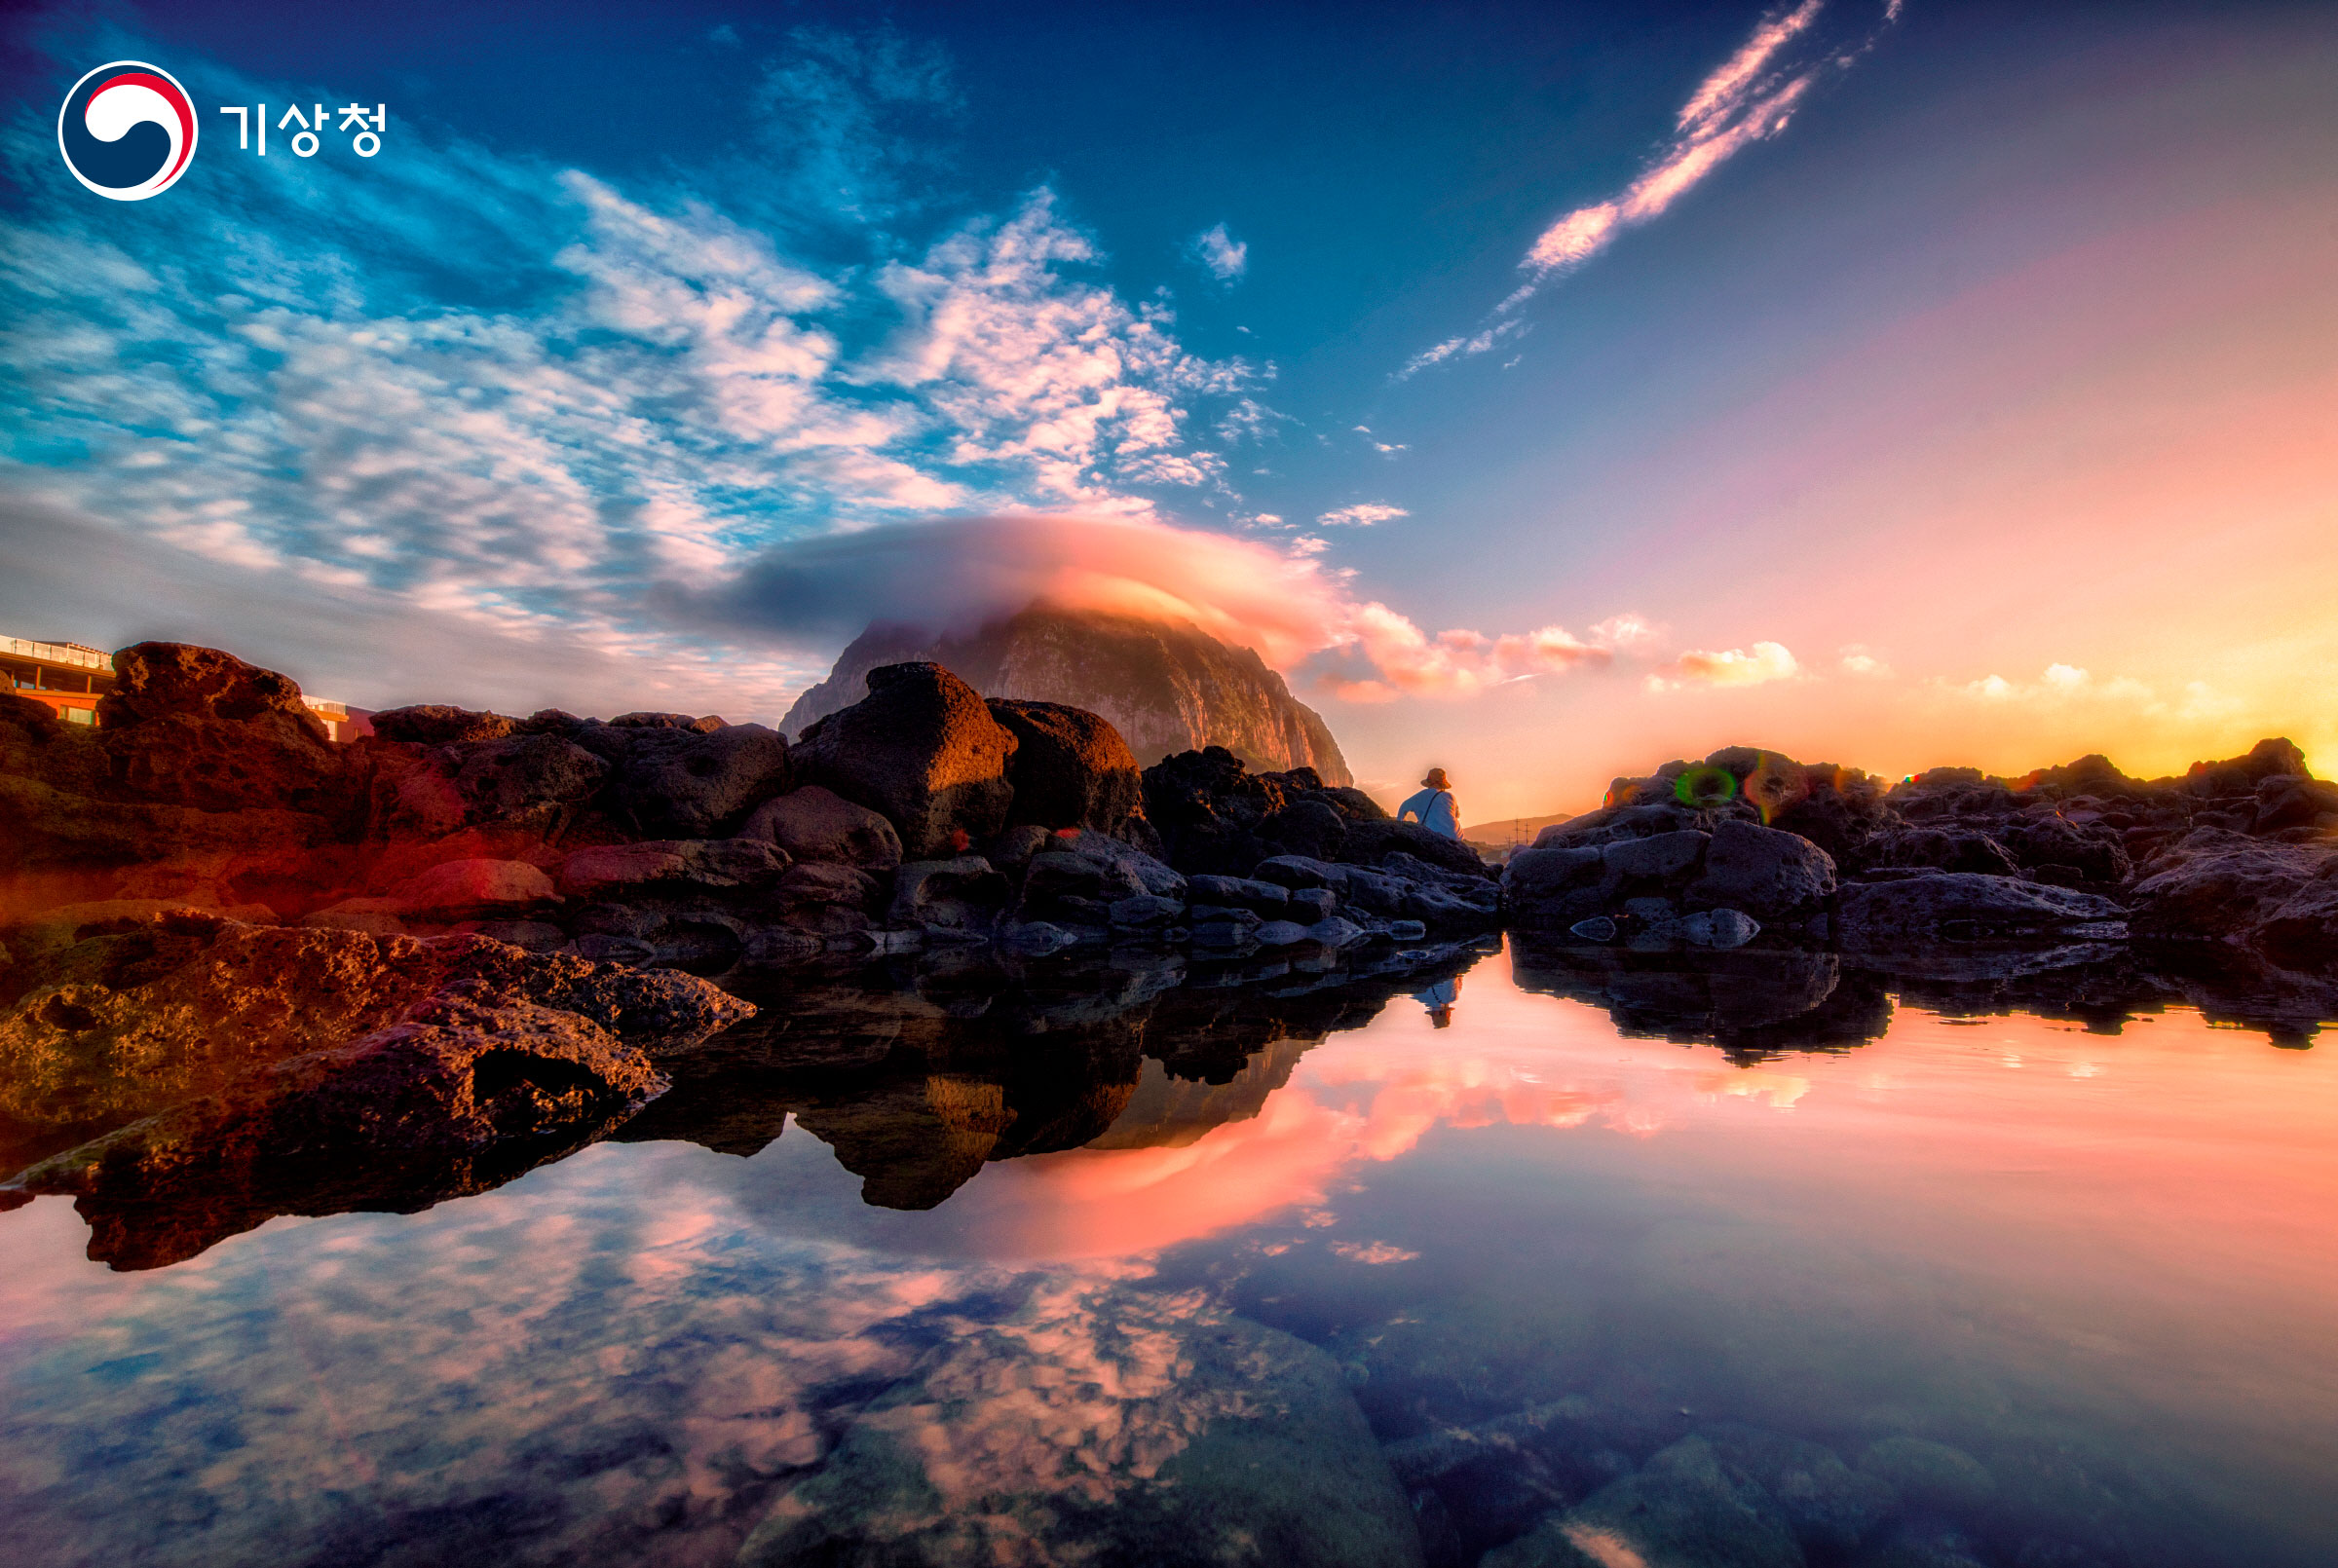 구름모자 쓴 산방산과 반영